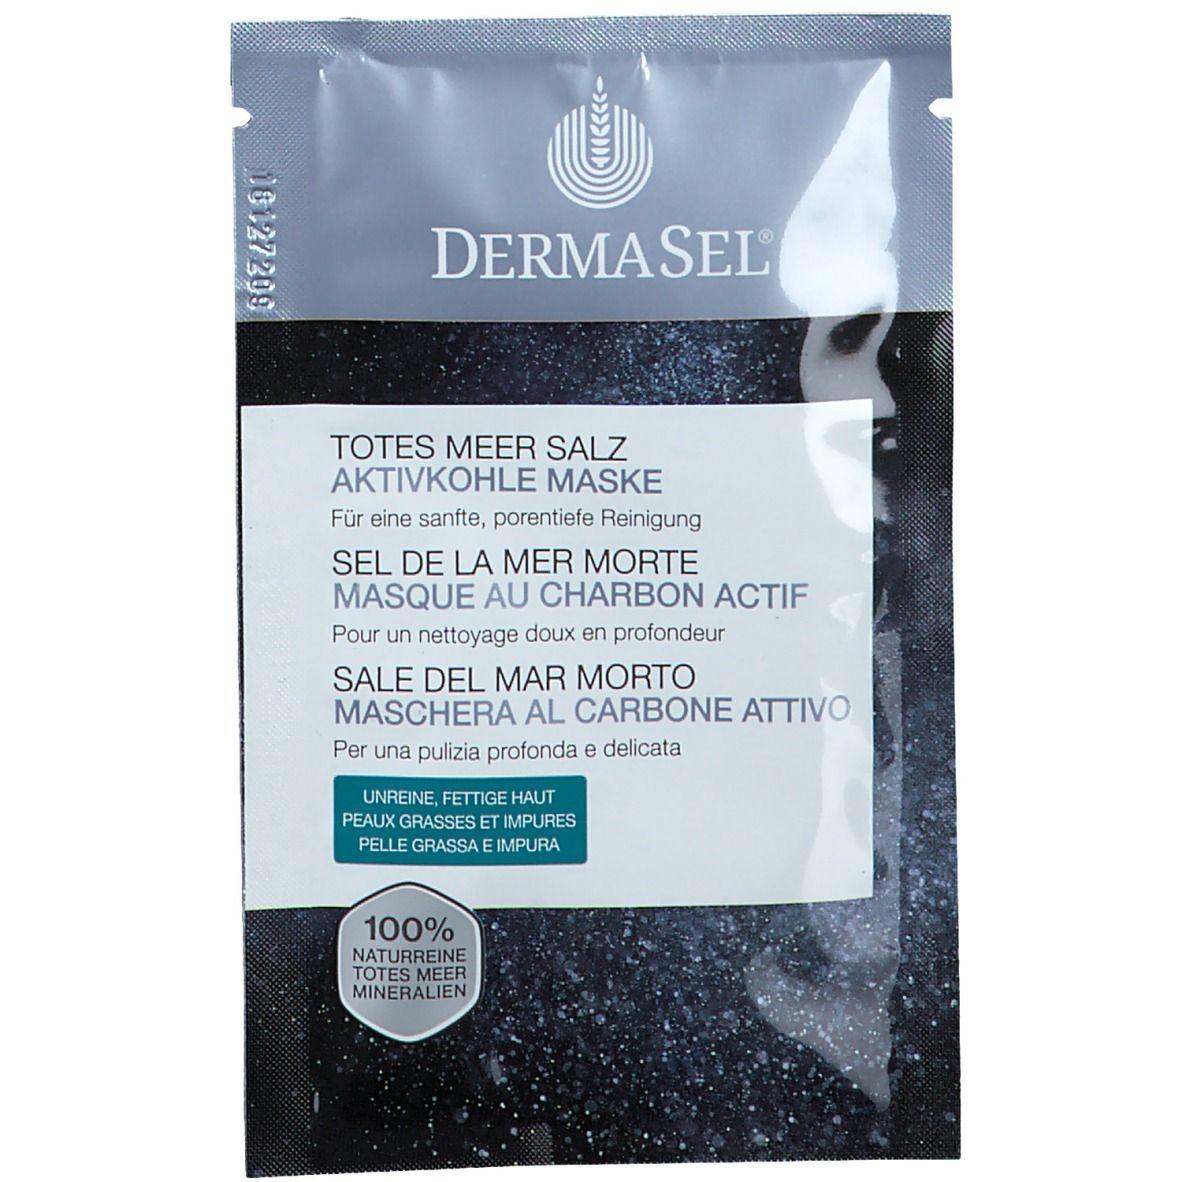 DermaSel® Masque au charbon actif ml masque(s) pour le visage